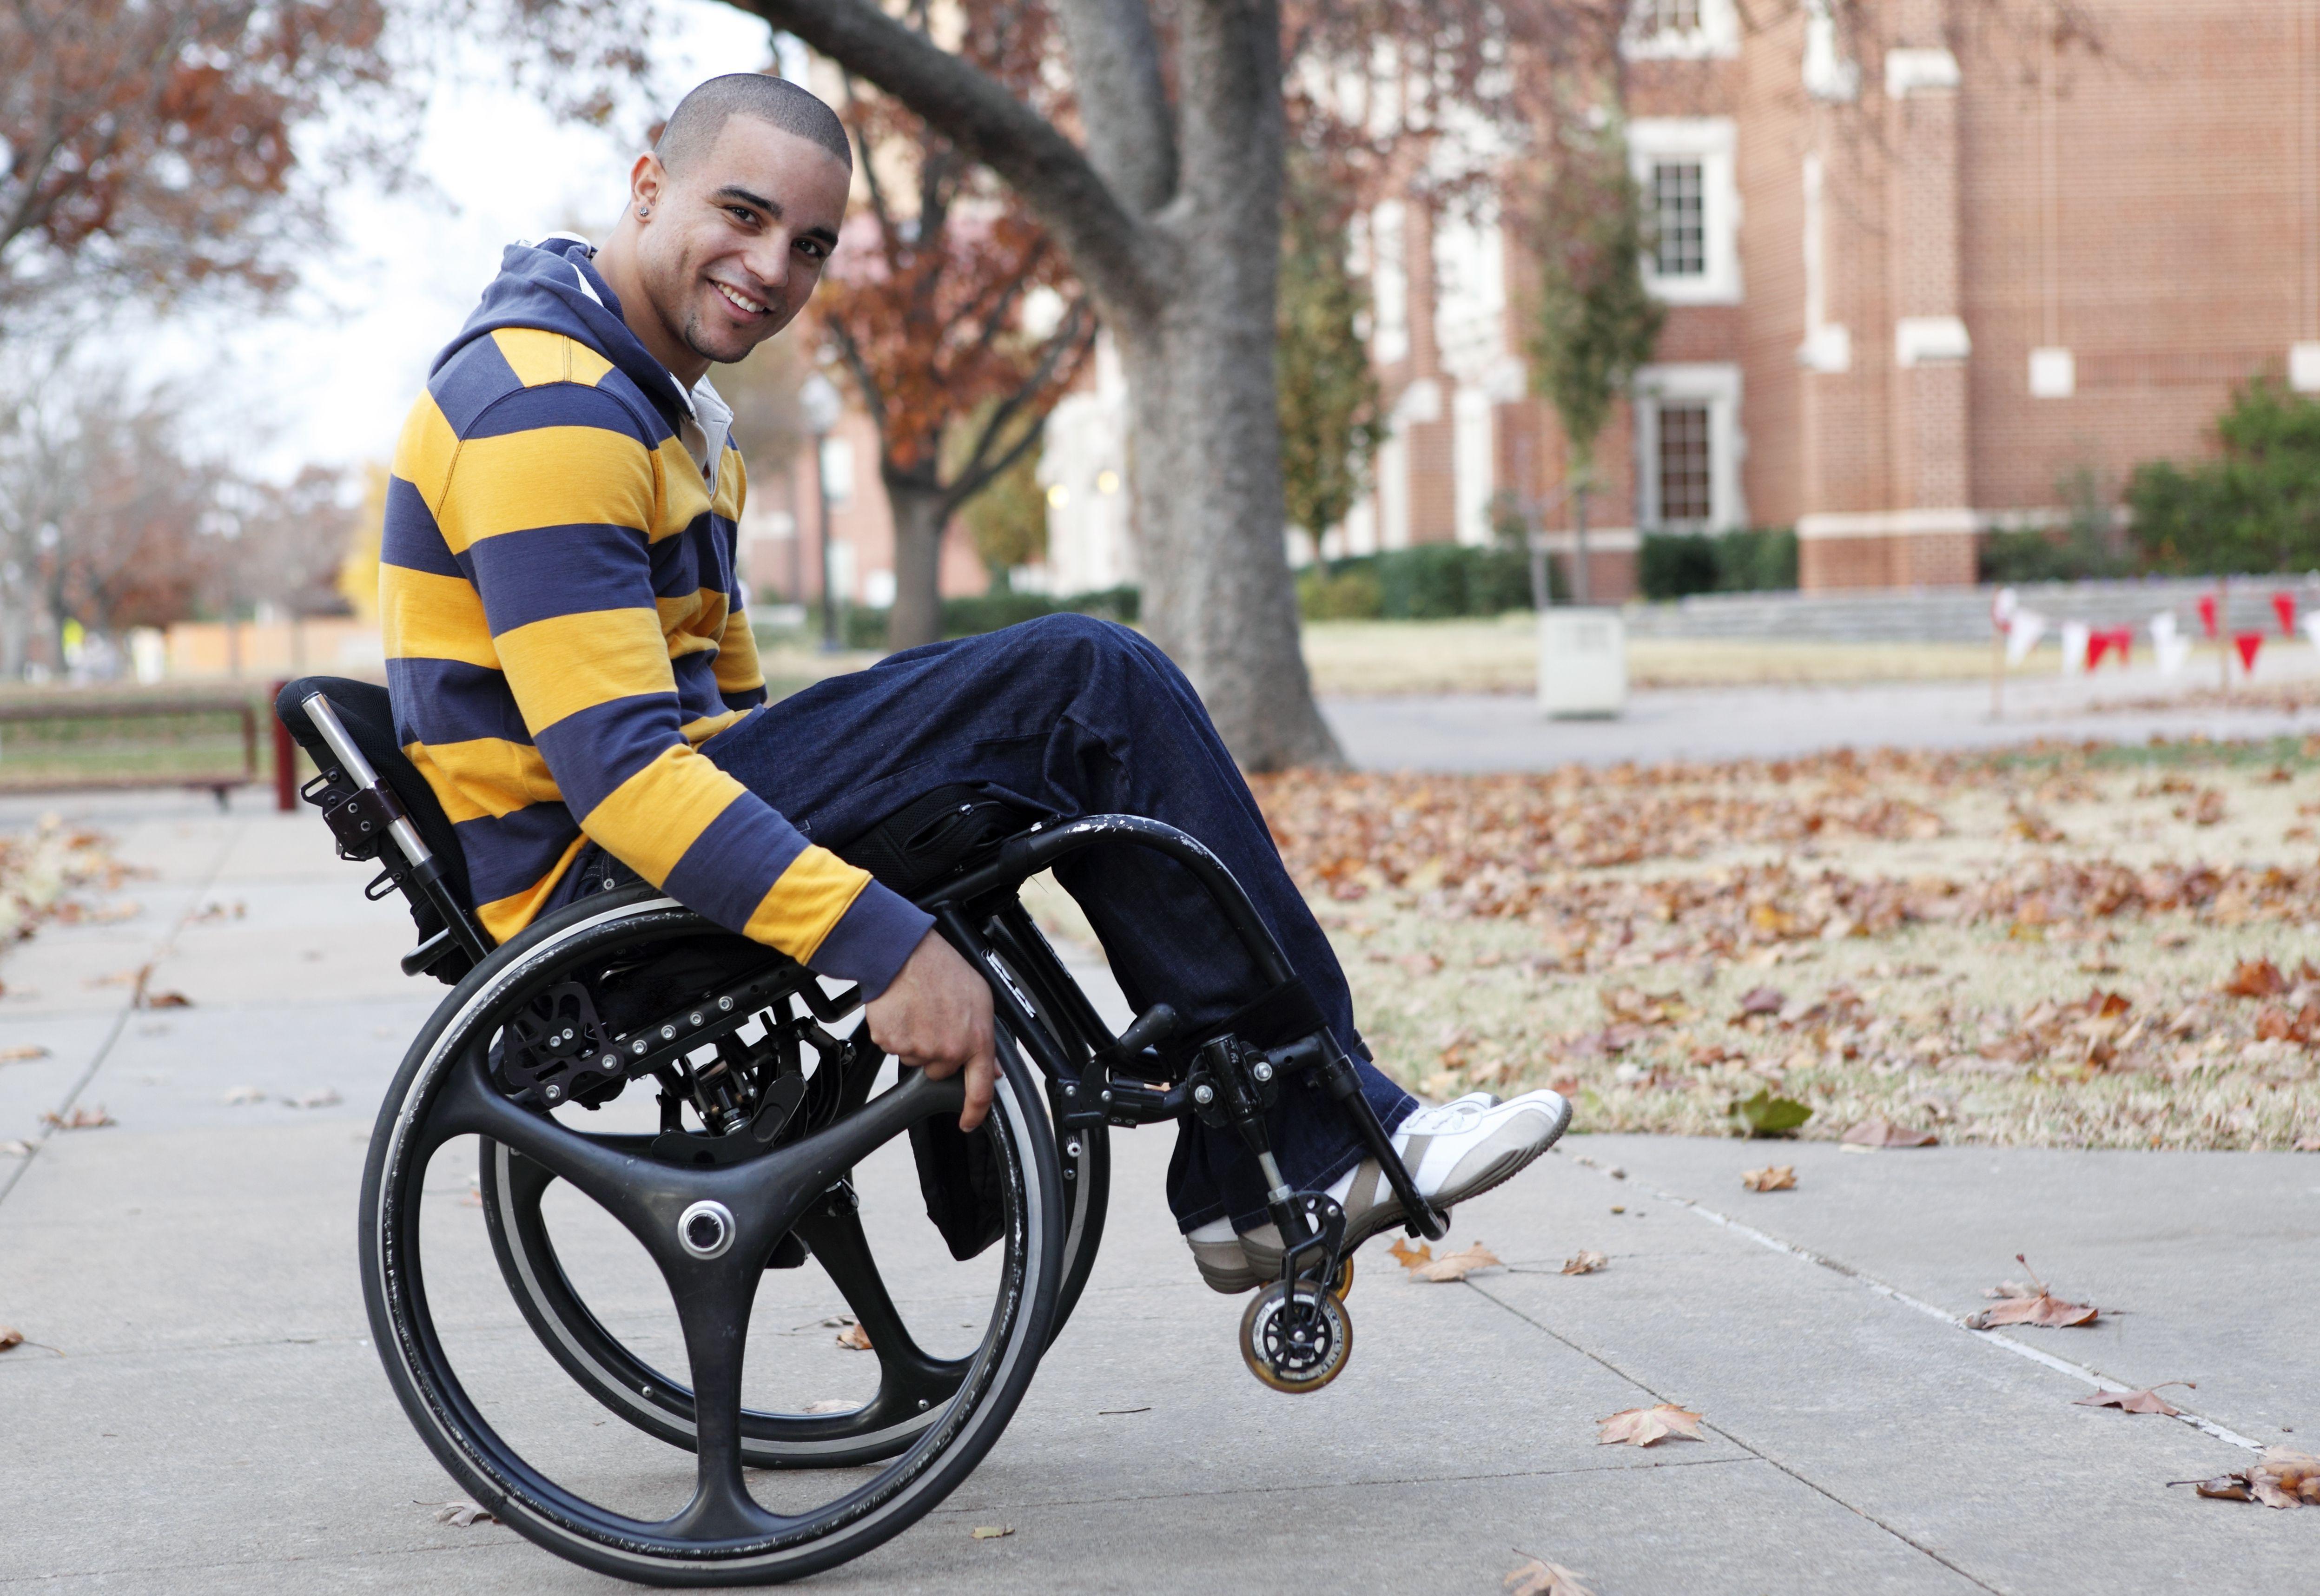 Hombre feliz montado en una silla de ruedas activa haciendo un wheelie